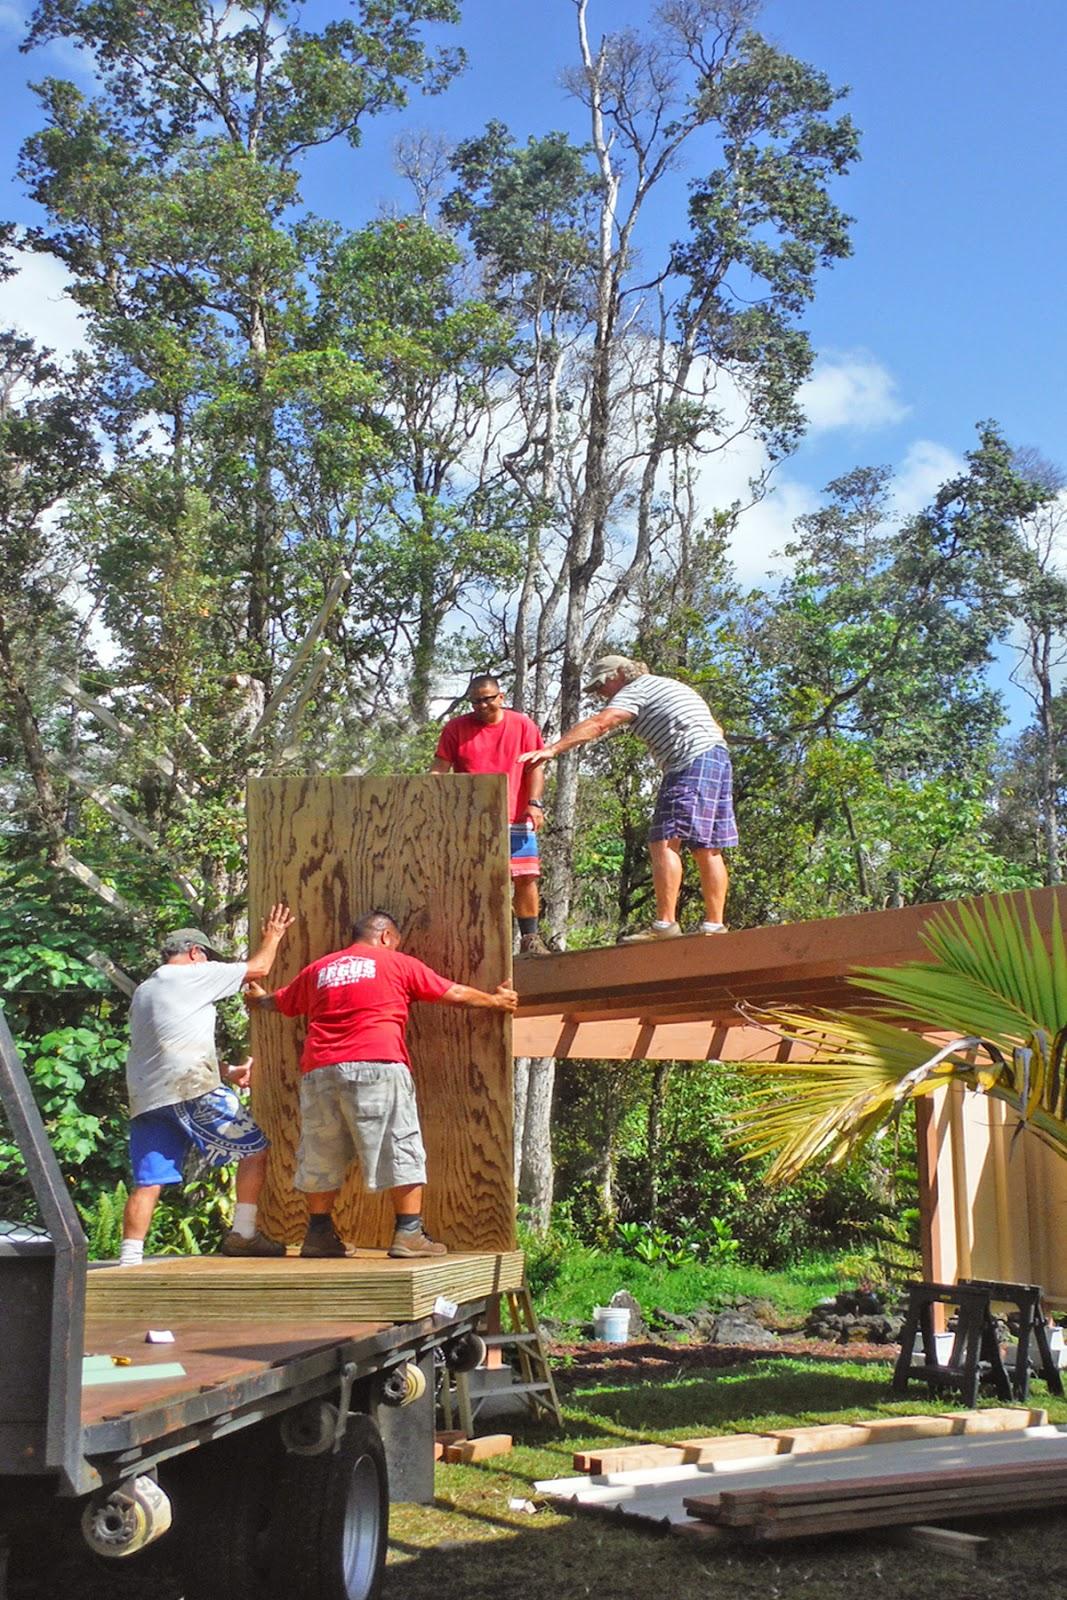 haysmer hawaii carport continues